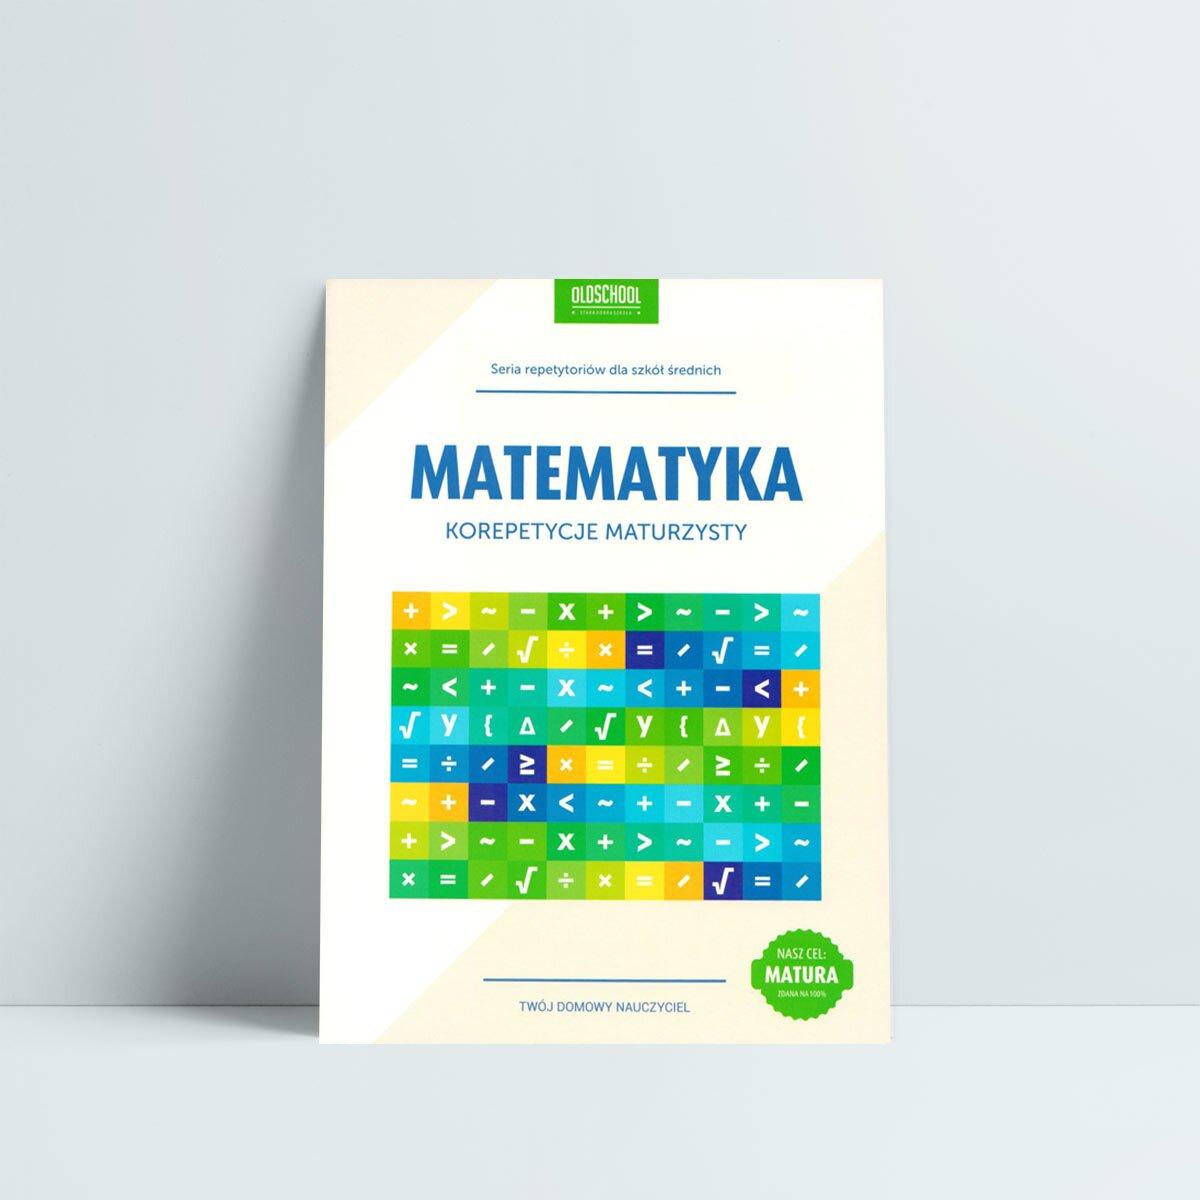 matematyka korepetycje maturzysty repetytorium